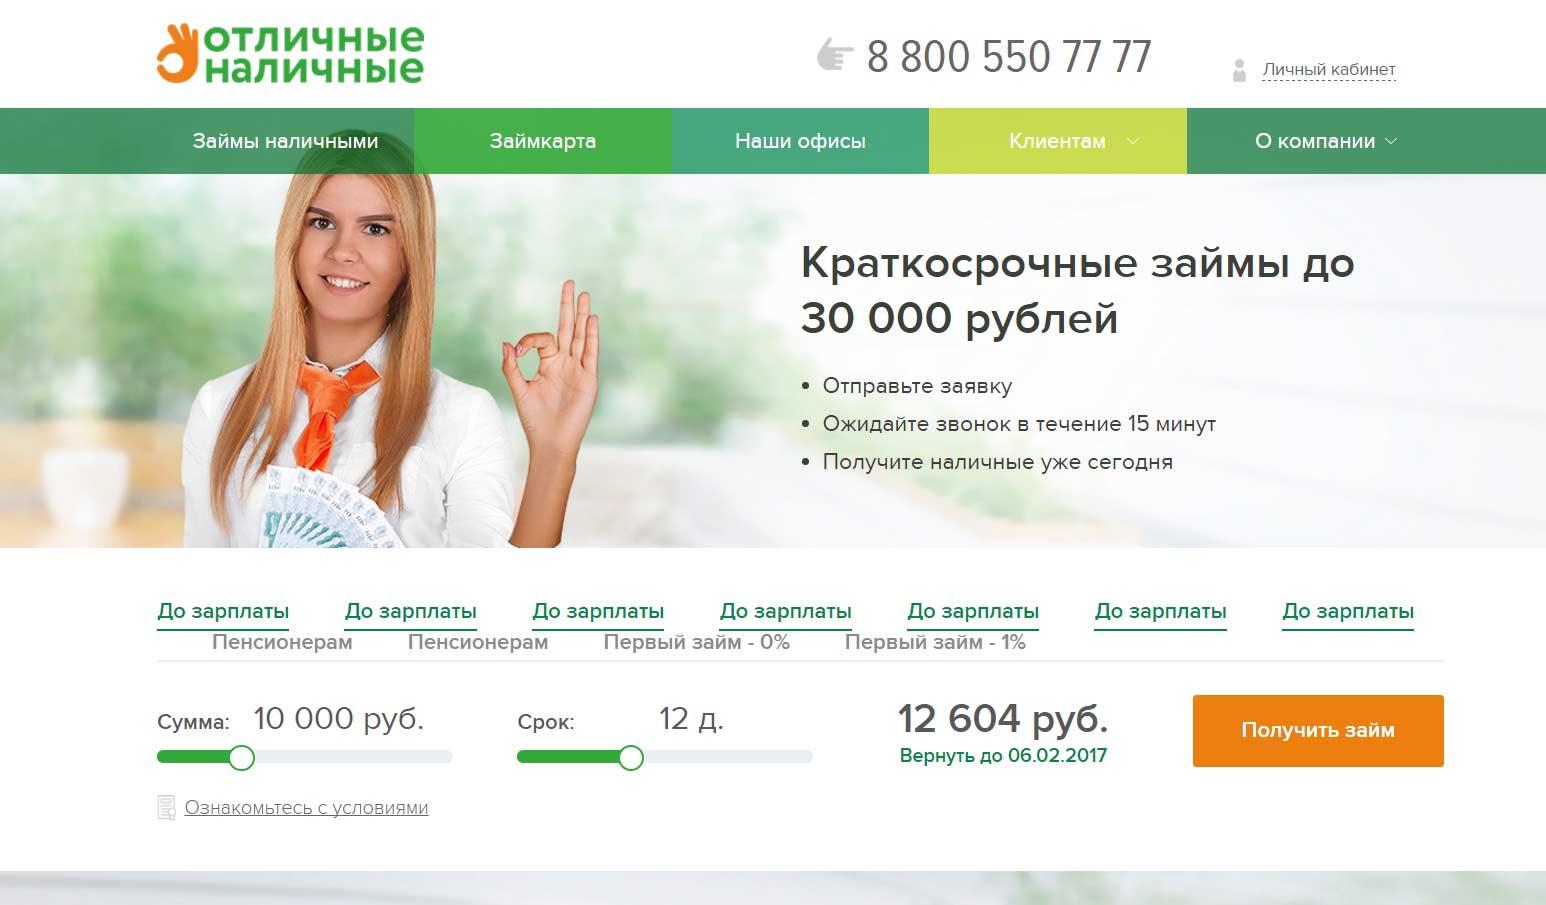 Деньги для Всех, до 3 000 000 миллионов рублей!